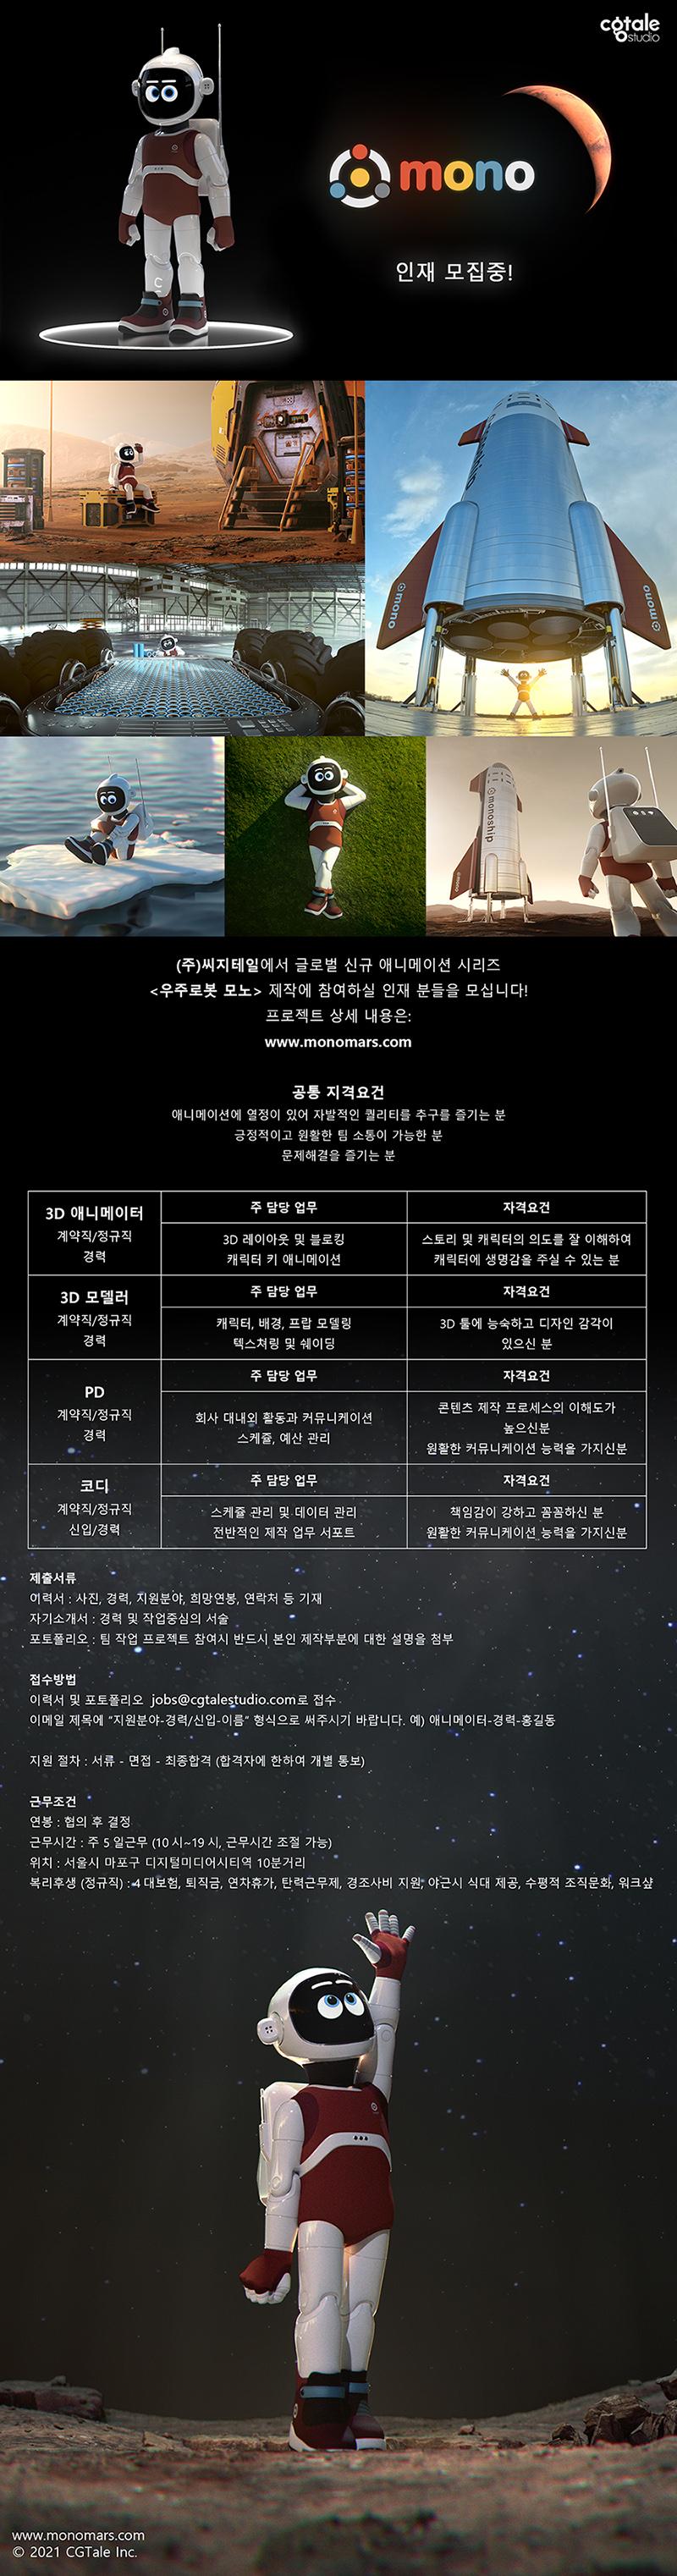 2021_7월_구인_small2.jpg